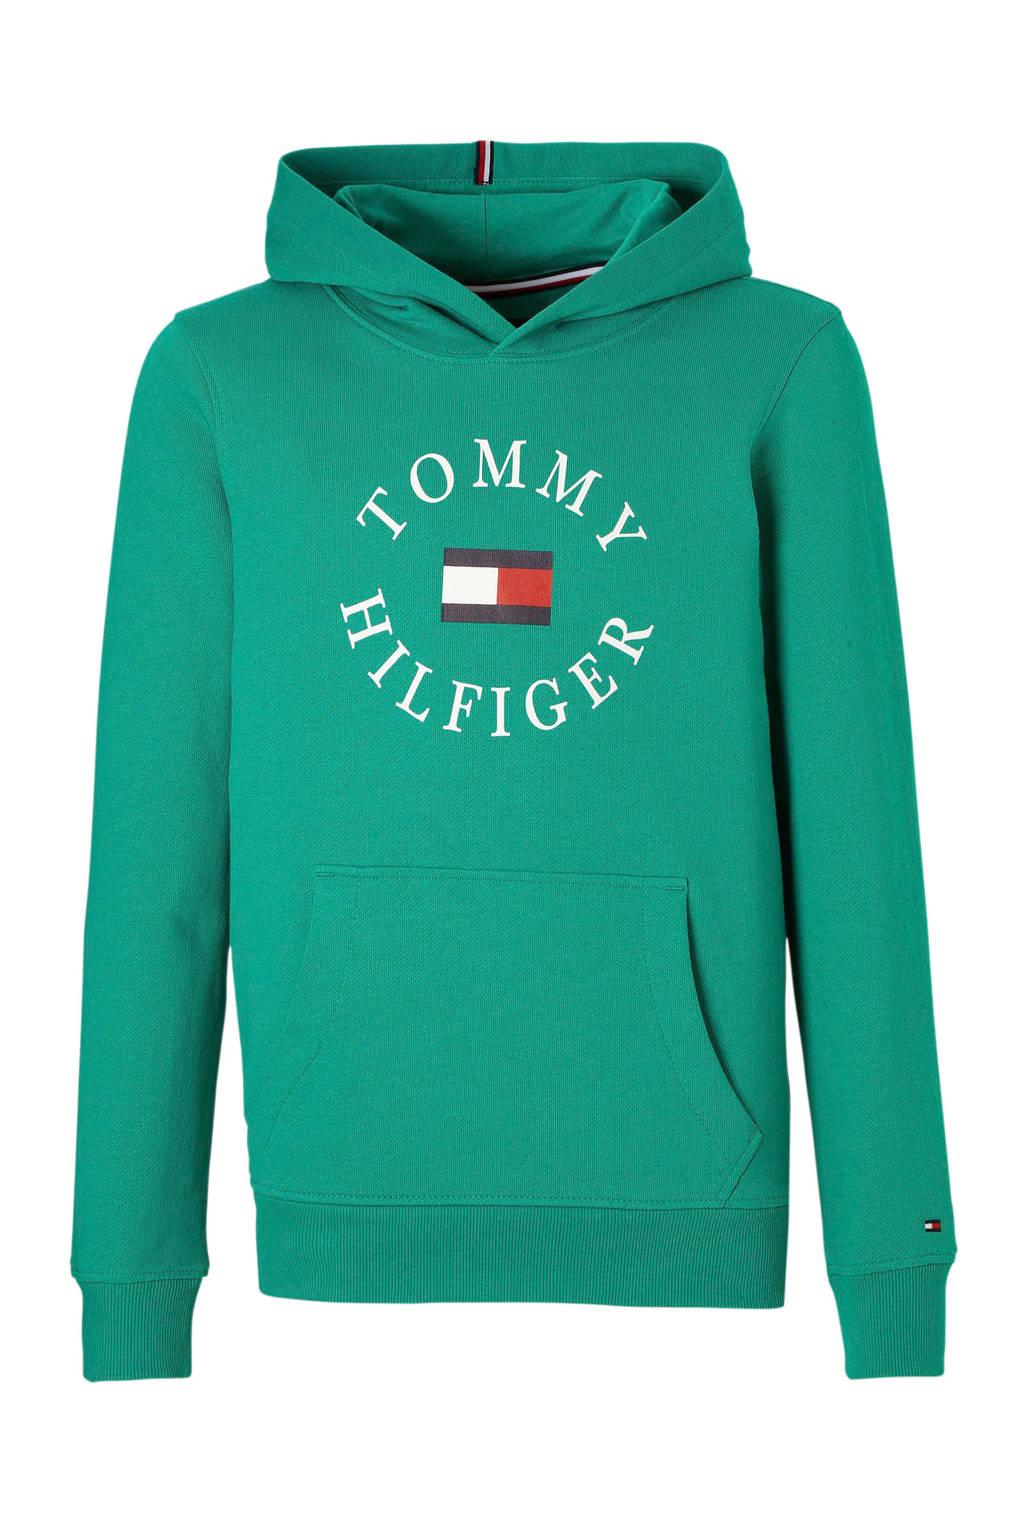 Tommy Hilfiger hoodie met logo zeegroen, Zeegroen